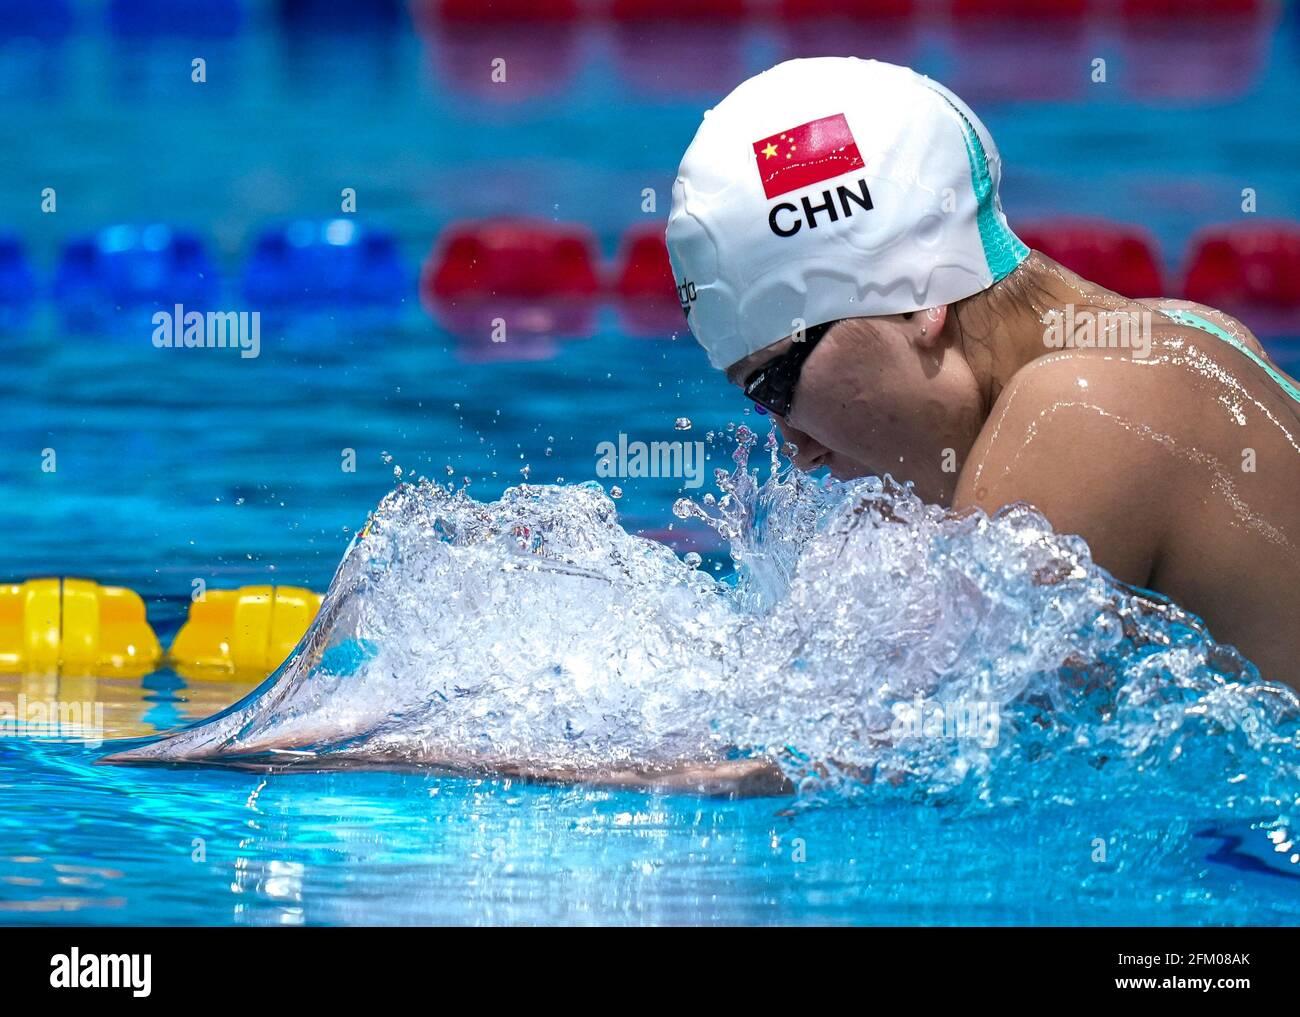 Qingdao, Chine. 5 mai 2021. Yu Jingyao, de Beijing, est en compétition pendant la demi-finale féminine de 200 m de brasse aux Championnats nationaux chinois de natation 2021 à Qingdao, en Chine orientale, le 5 mai 2021. Credit: Xu Chang/Xinhua/Alay Live News Banque D'Images